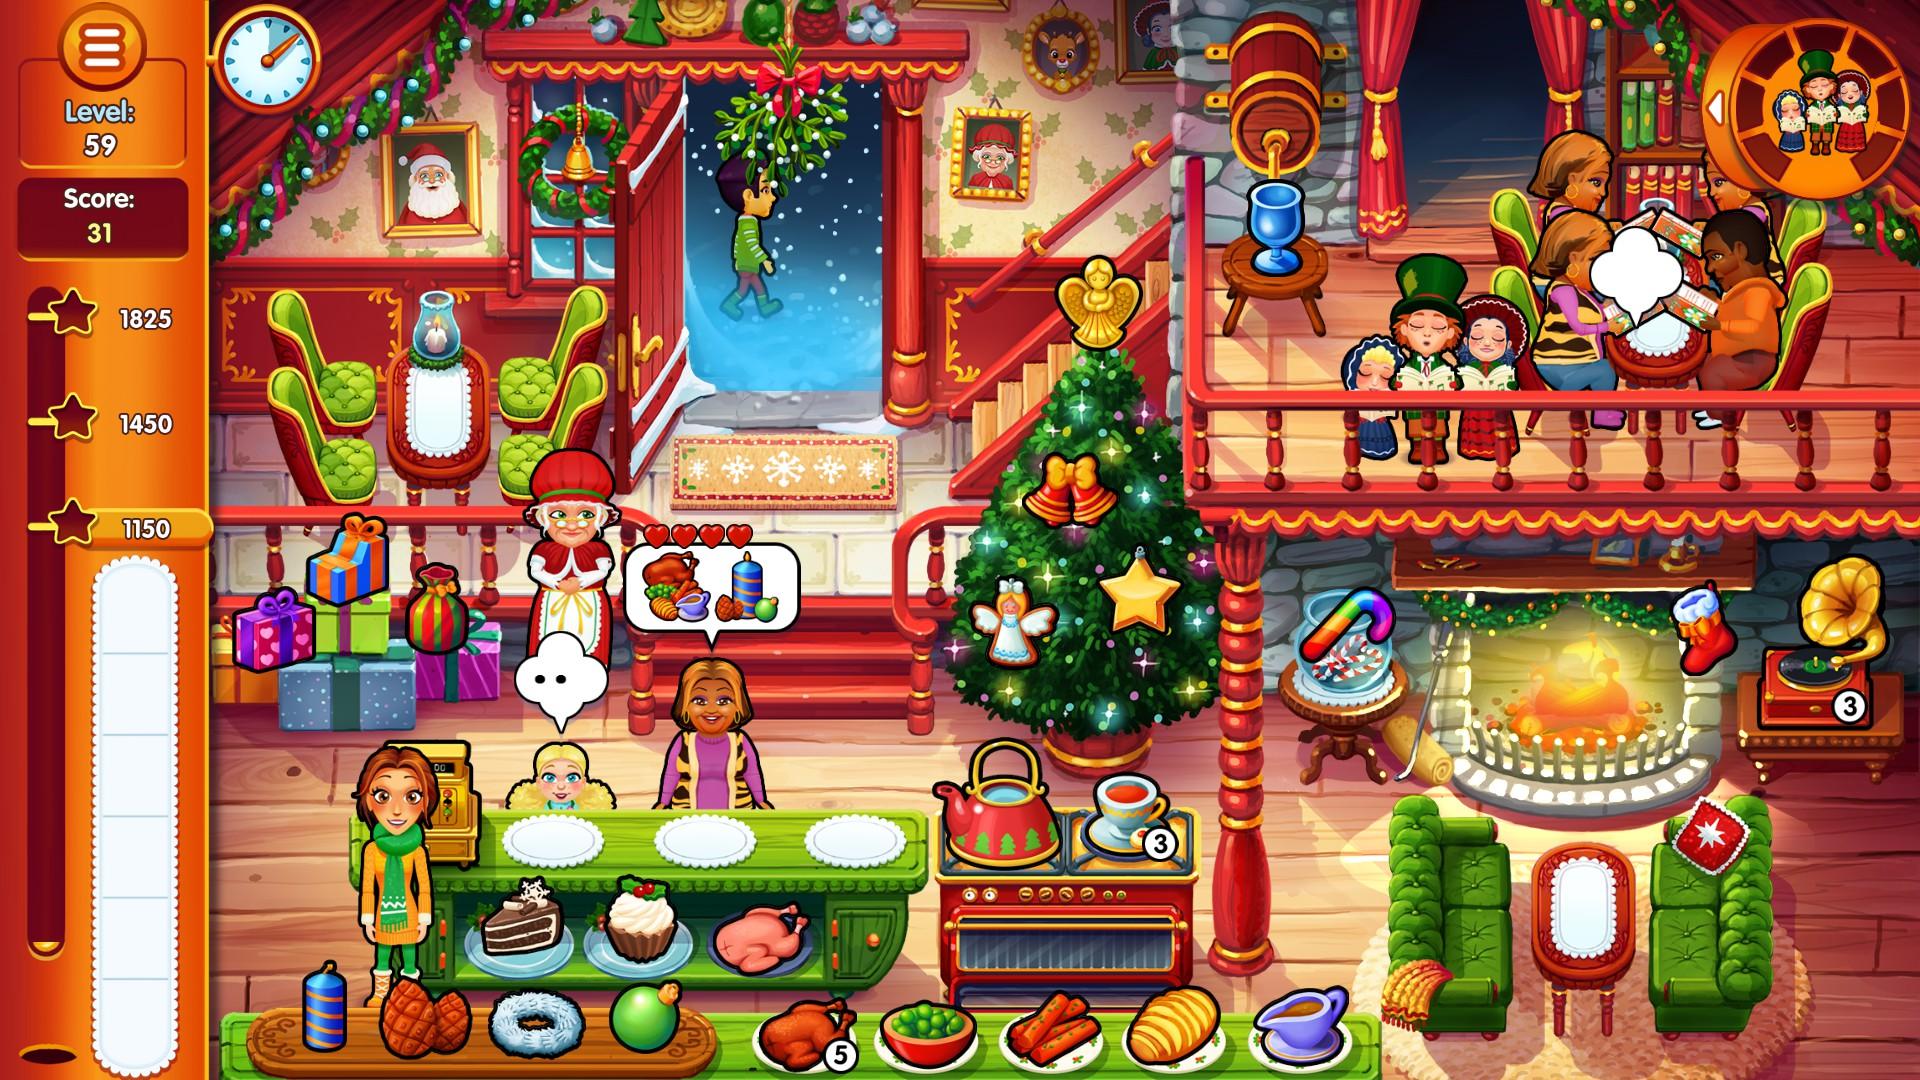 Delicious 14: Emily's Christmas Carol 7BB8CAF221AEB151DDD25C9A64BCBB6F3641C6EE